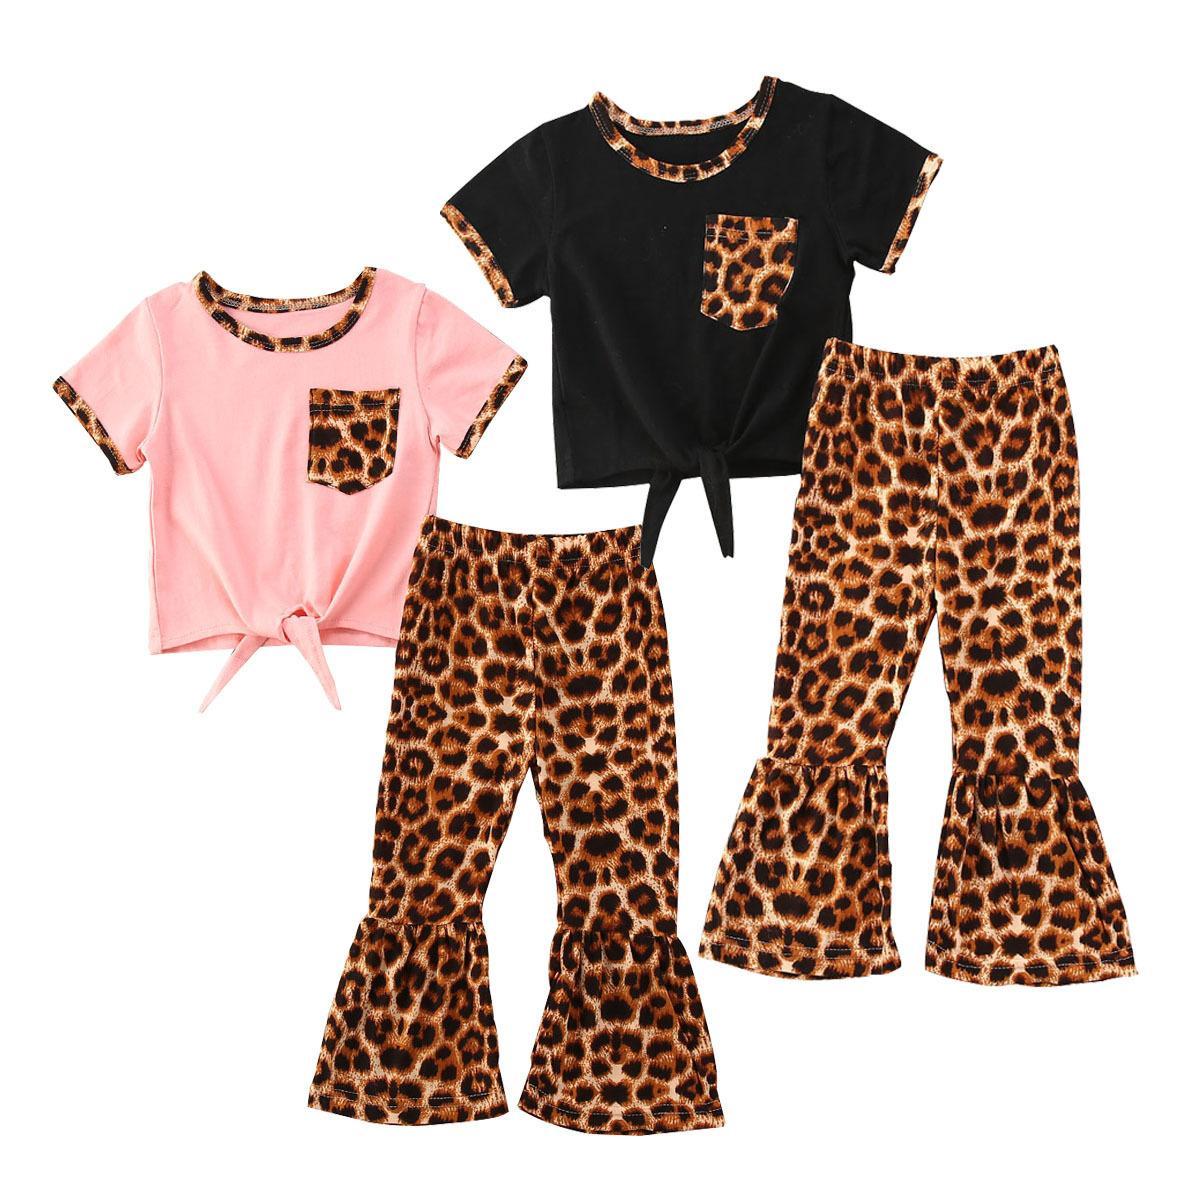 Varejo / Atacado Girl Leopard Leopard Flared Tracksuit Conjuntos de roupas 2pcs Set Curto Topo + Calças Meninas Outfits Crianças Designers Roupas